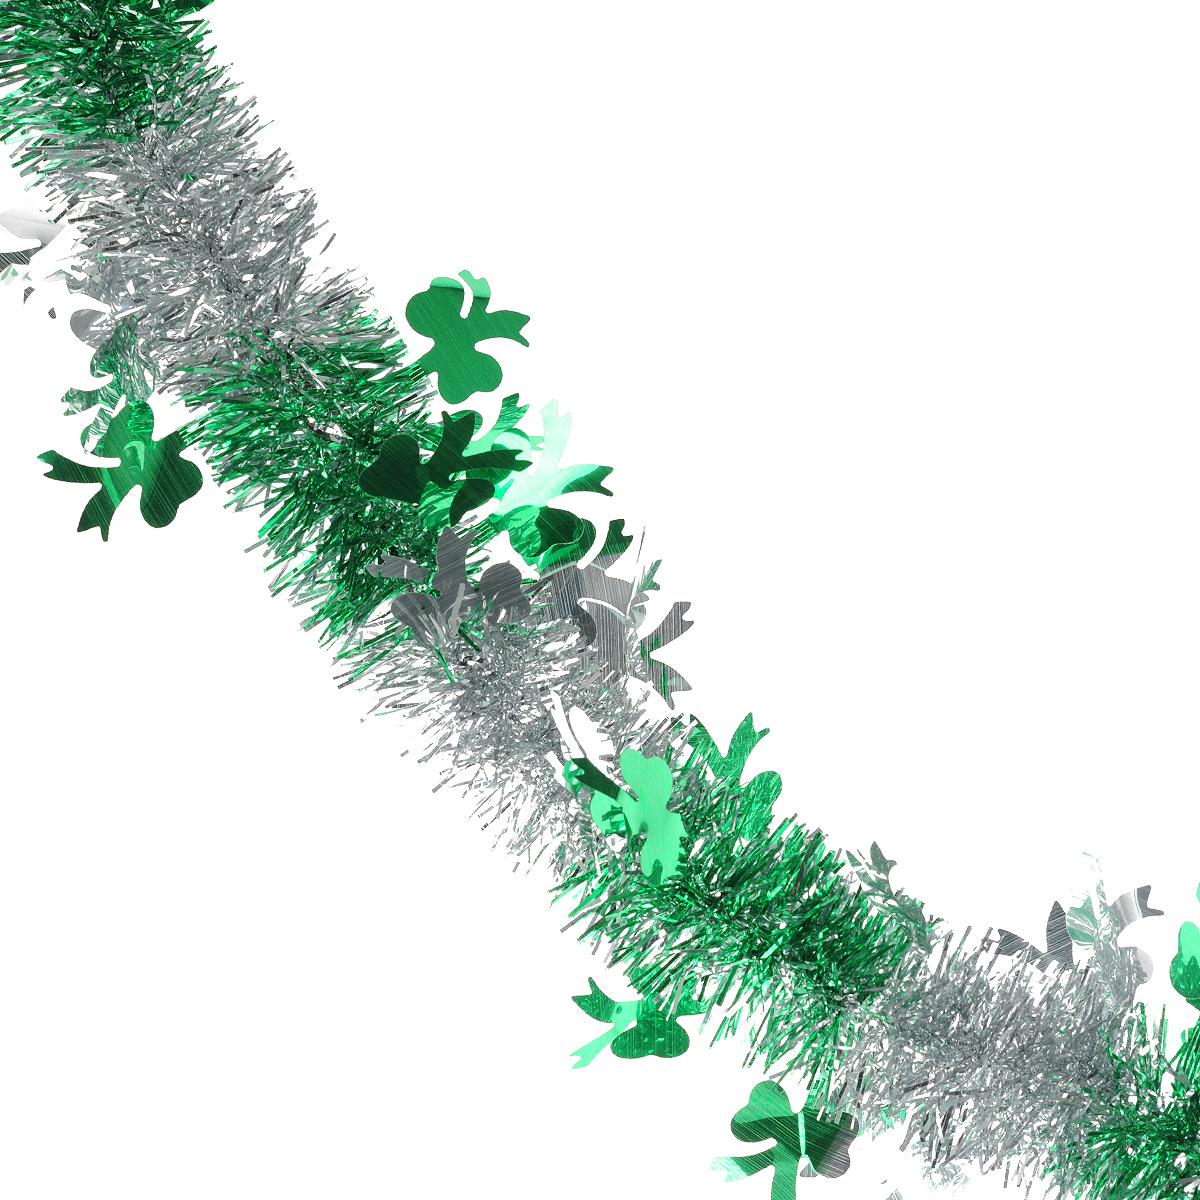 Мишура новогодняя Sima-land, цвет: серебристый, зеленый, диаметр 5 см, длина 200 см. 702605702605Мишура новогодняя Sima-land, выполненная из двухцветной фольги, поможет вам украсить свой дом к предстоящим праздникам. Мишура армирована, то есть имеет проволоку внутри и способна сохранять приданную ей форму.Новогодняя елка с таким украшением станет еще наряднее. Новогодней мишурой можно украсить все, что угодно - елку, квартиру, дачу, офис - как внутри, так и снаружи. Можно сложить новогодние поздравления, буквы и цифры, мишурой можно украсить и дополнить гирлянды, можно выделить дверные колонны, оплести дверные проемы. Коллекция декоративных украшений из серии Зимнее волшебство принесет в ваш дом ни с чем несравнимое ощущение праздника! Создайте в своем доме атмосферу тепла, веселья и радости, украшая его всей семьей.